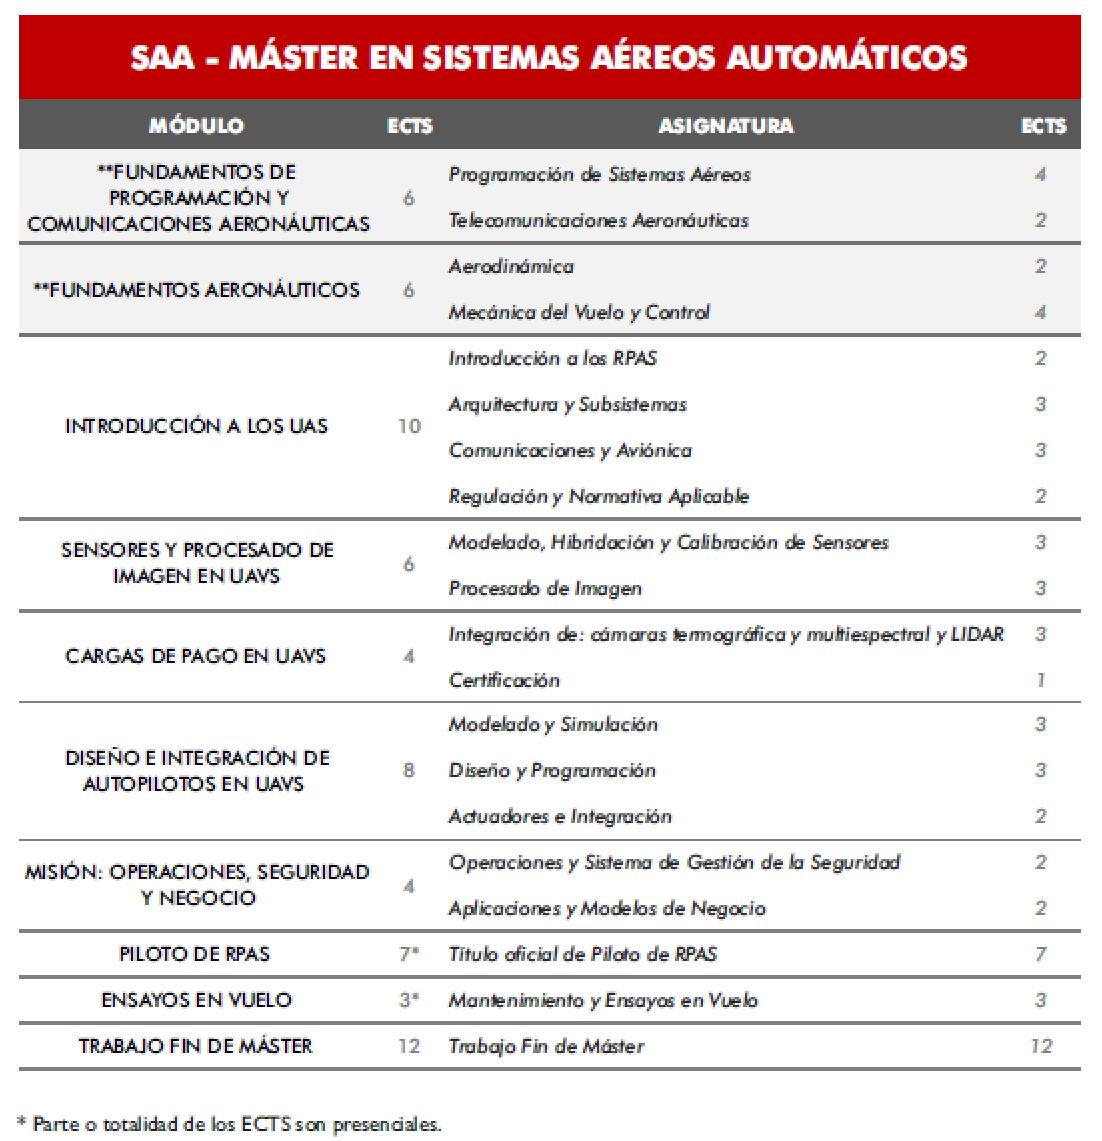 Máster en sistemas aéreos automáticos - Universidad Rey Juan Carlos